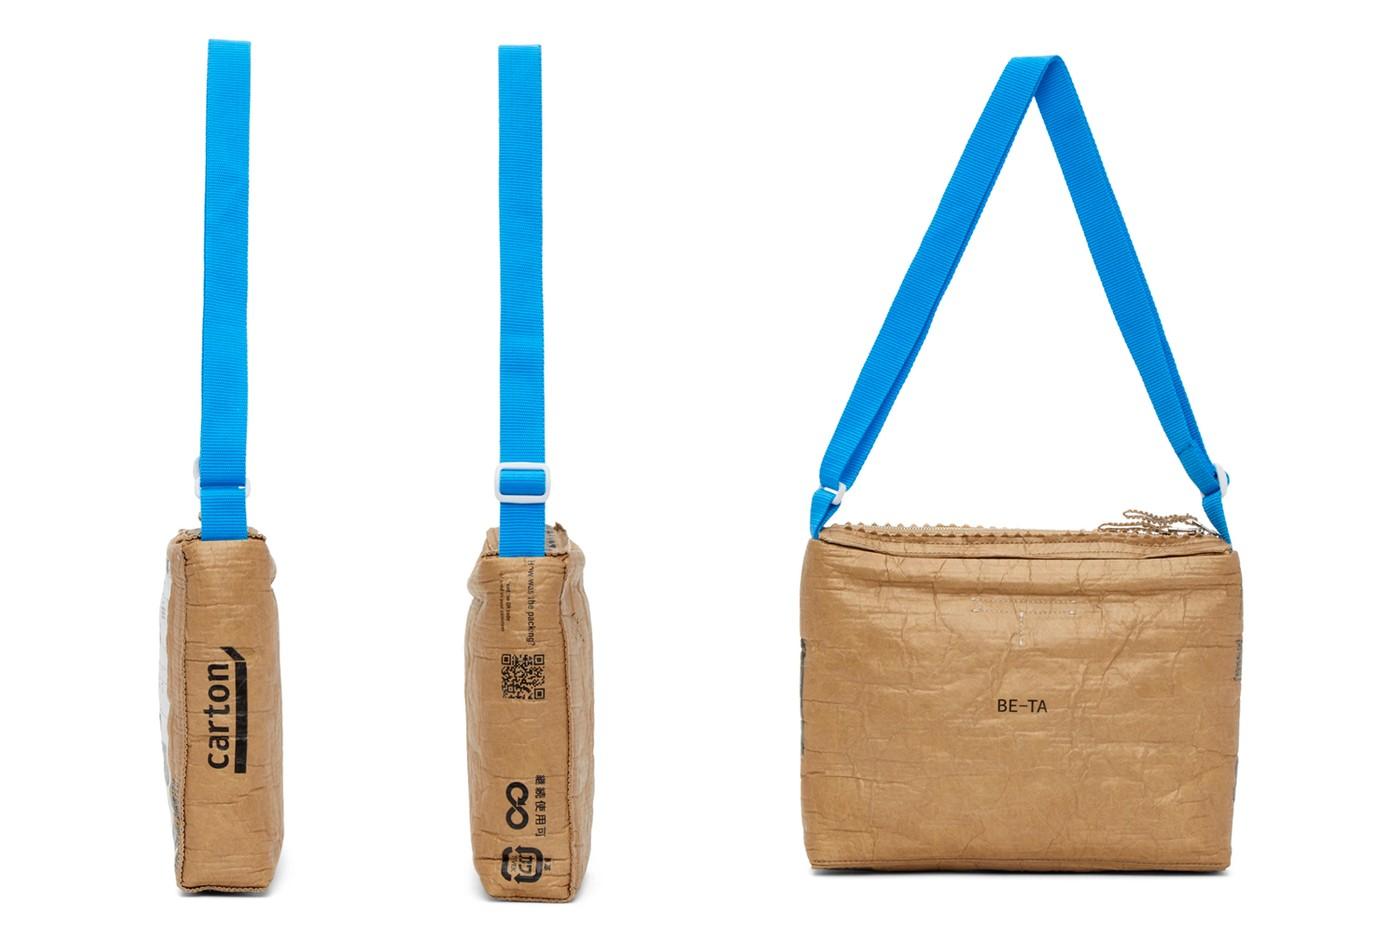 Người tiêu dùng Việt có sẵn sàng chi 29 triệu cho một chiếc túi được làm từ bìa carton hay chưa? - Ảnh 3.